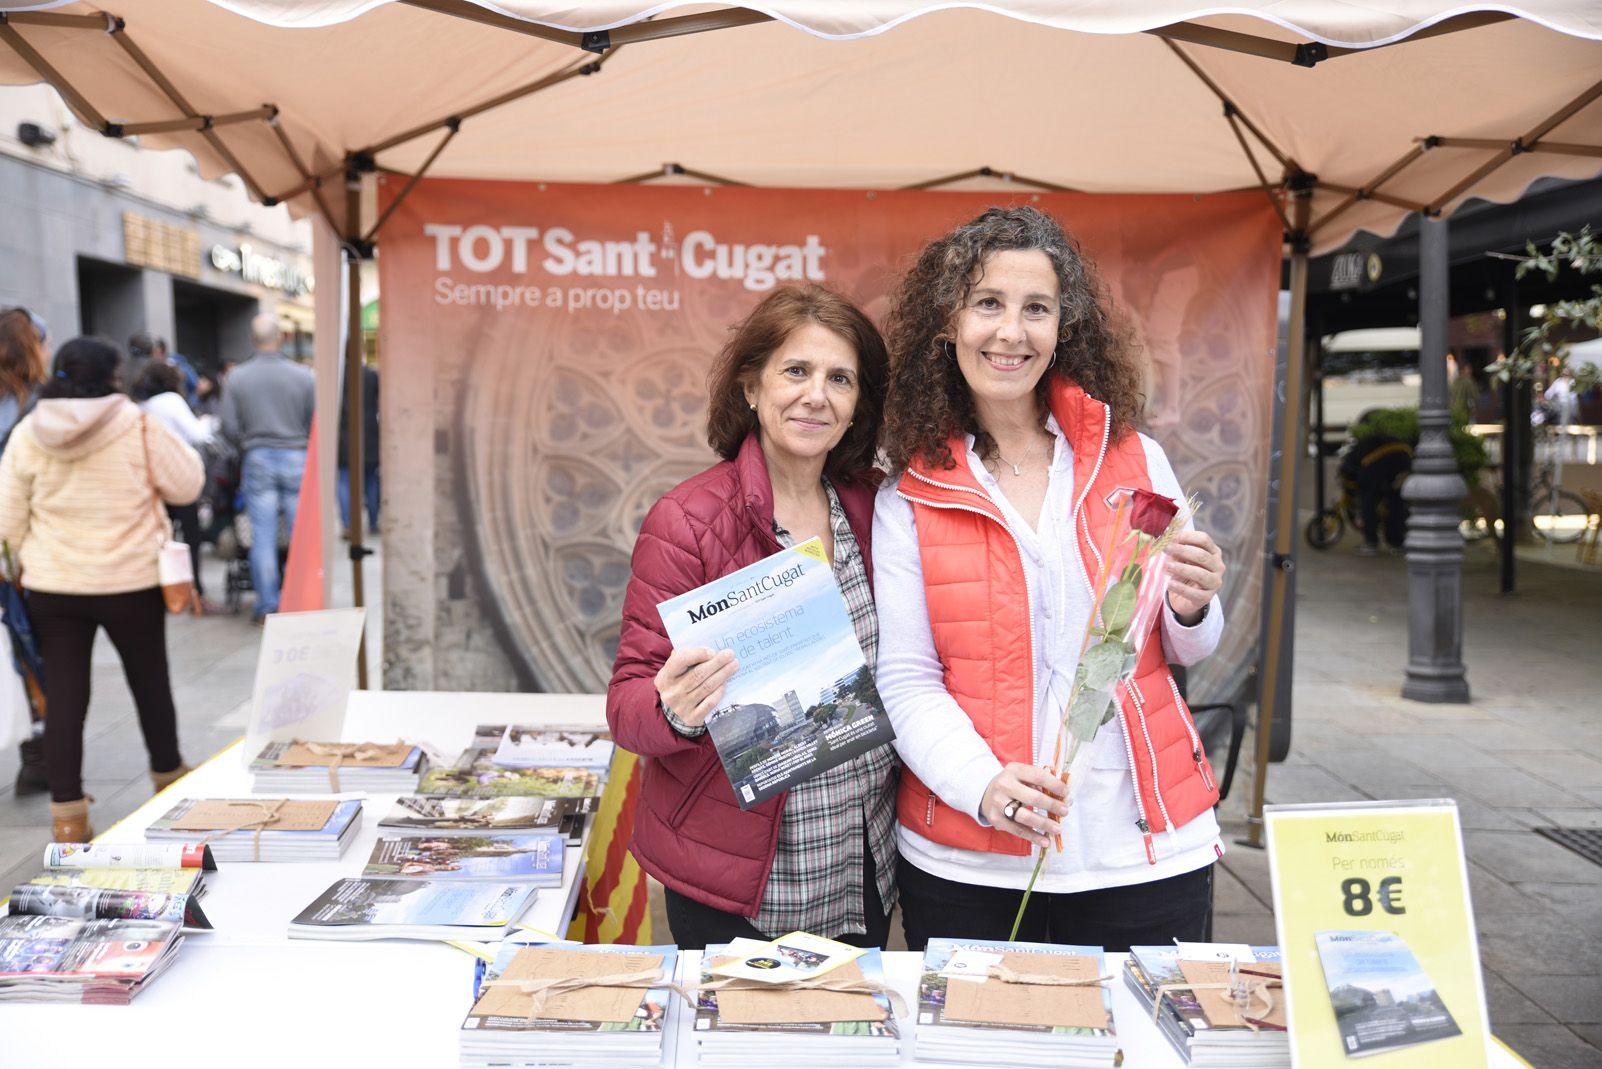 La parada del Tot Sant Cugat a la diada de Sant Jordi. Foto: Bernat Millet.